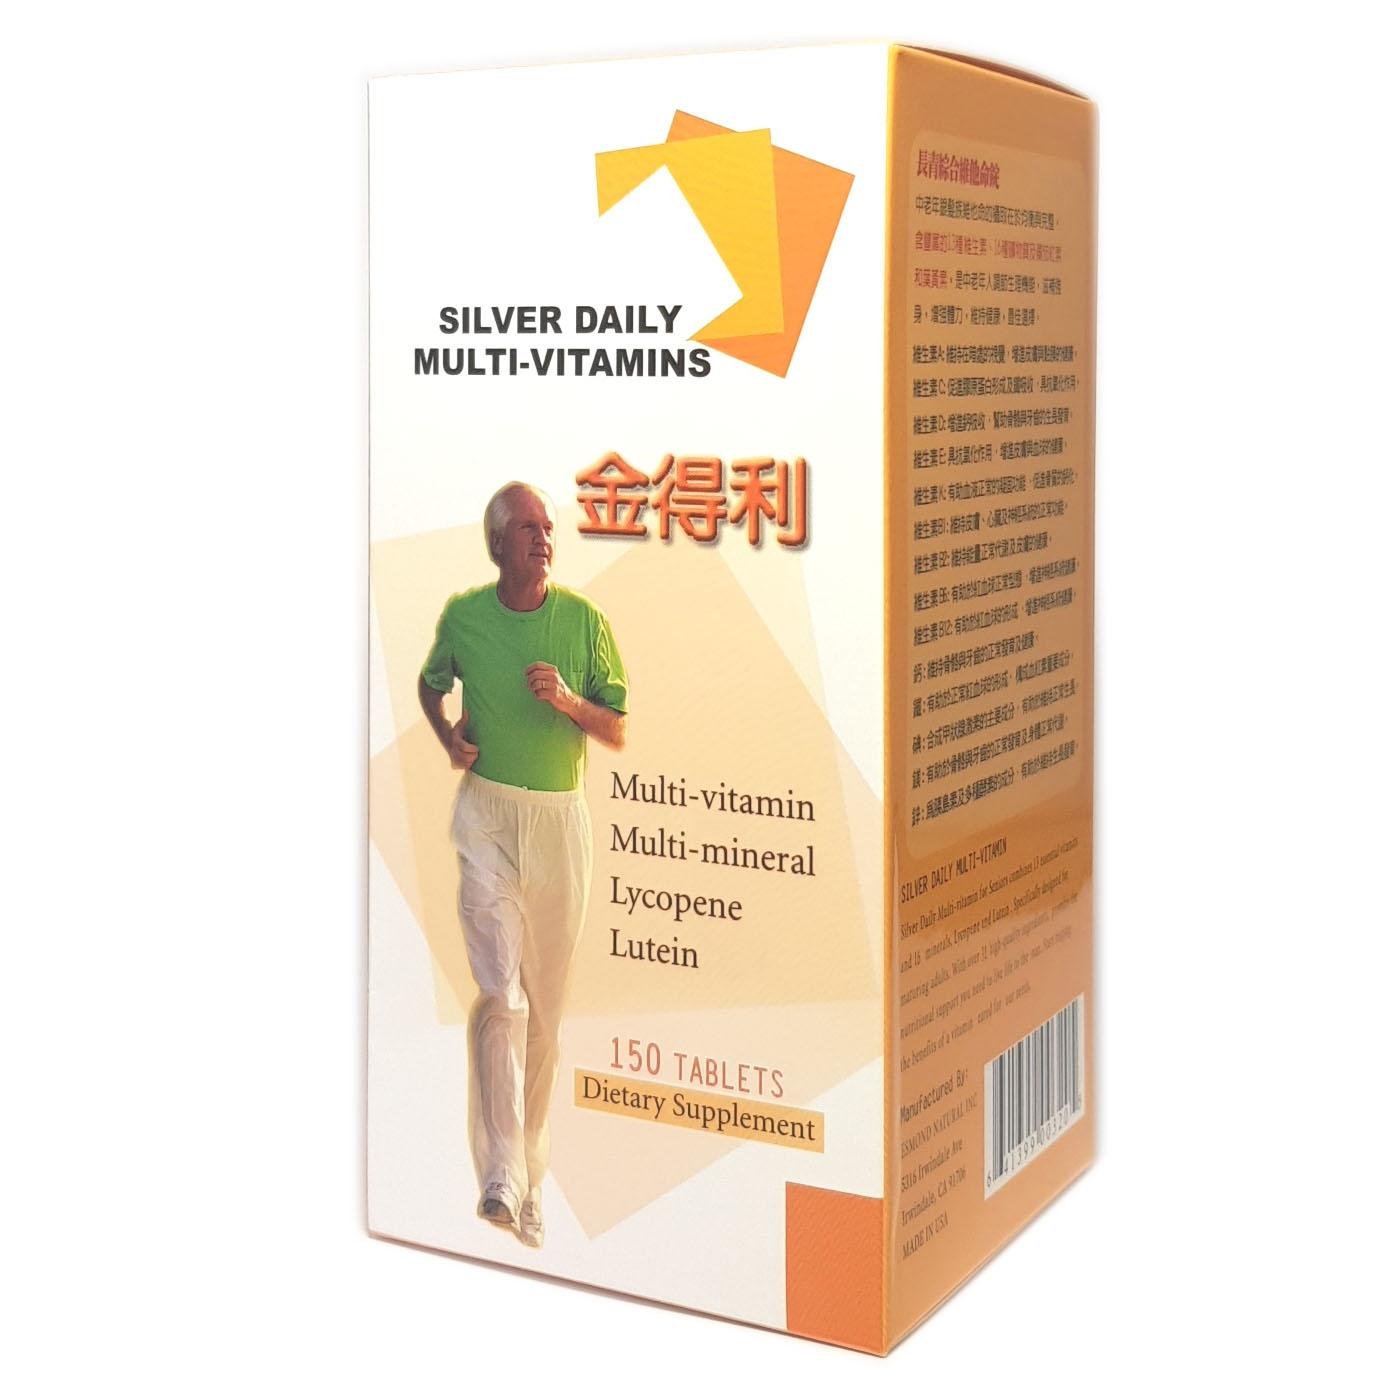 【營養補力】金得利 銀髮族 綜合維他命 150錠裝 Multivitamin 美國進口